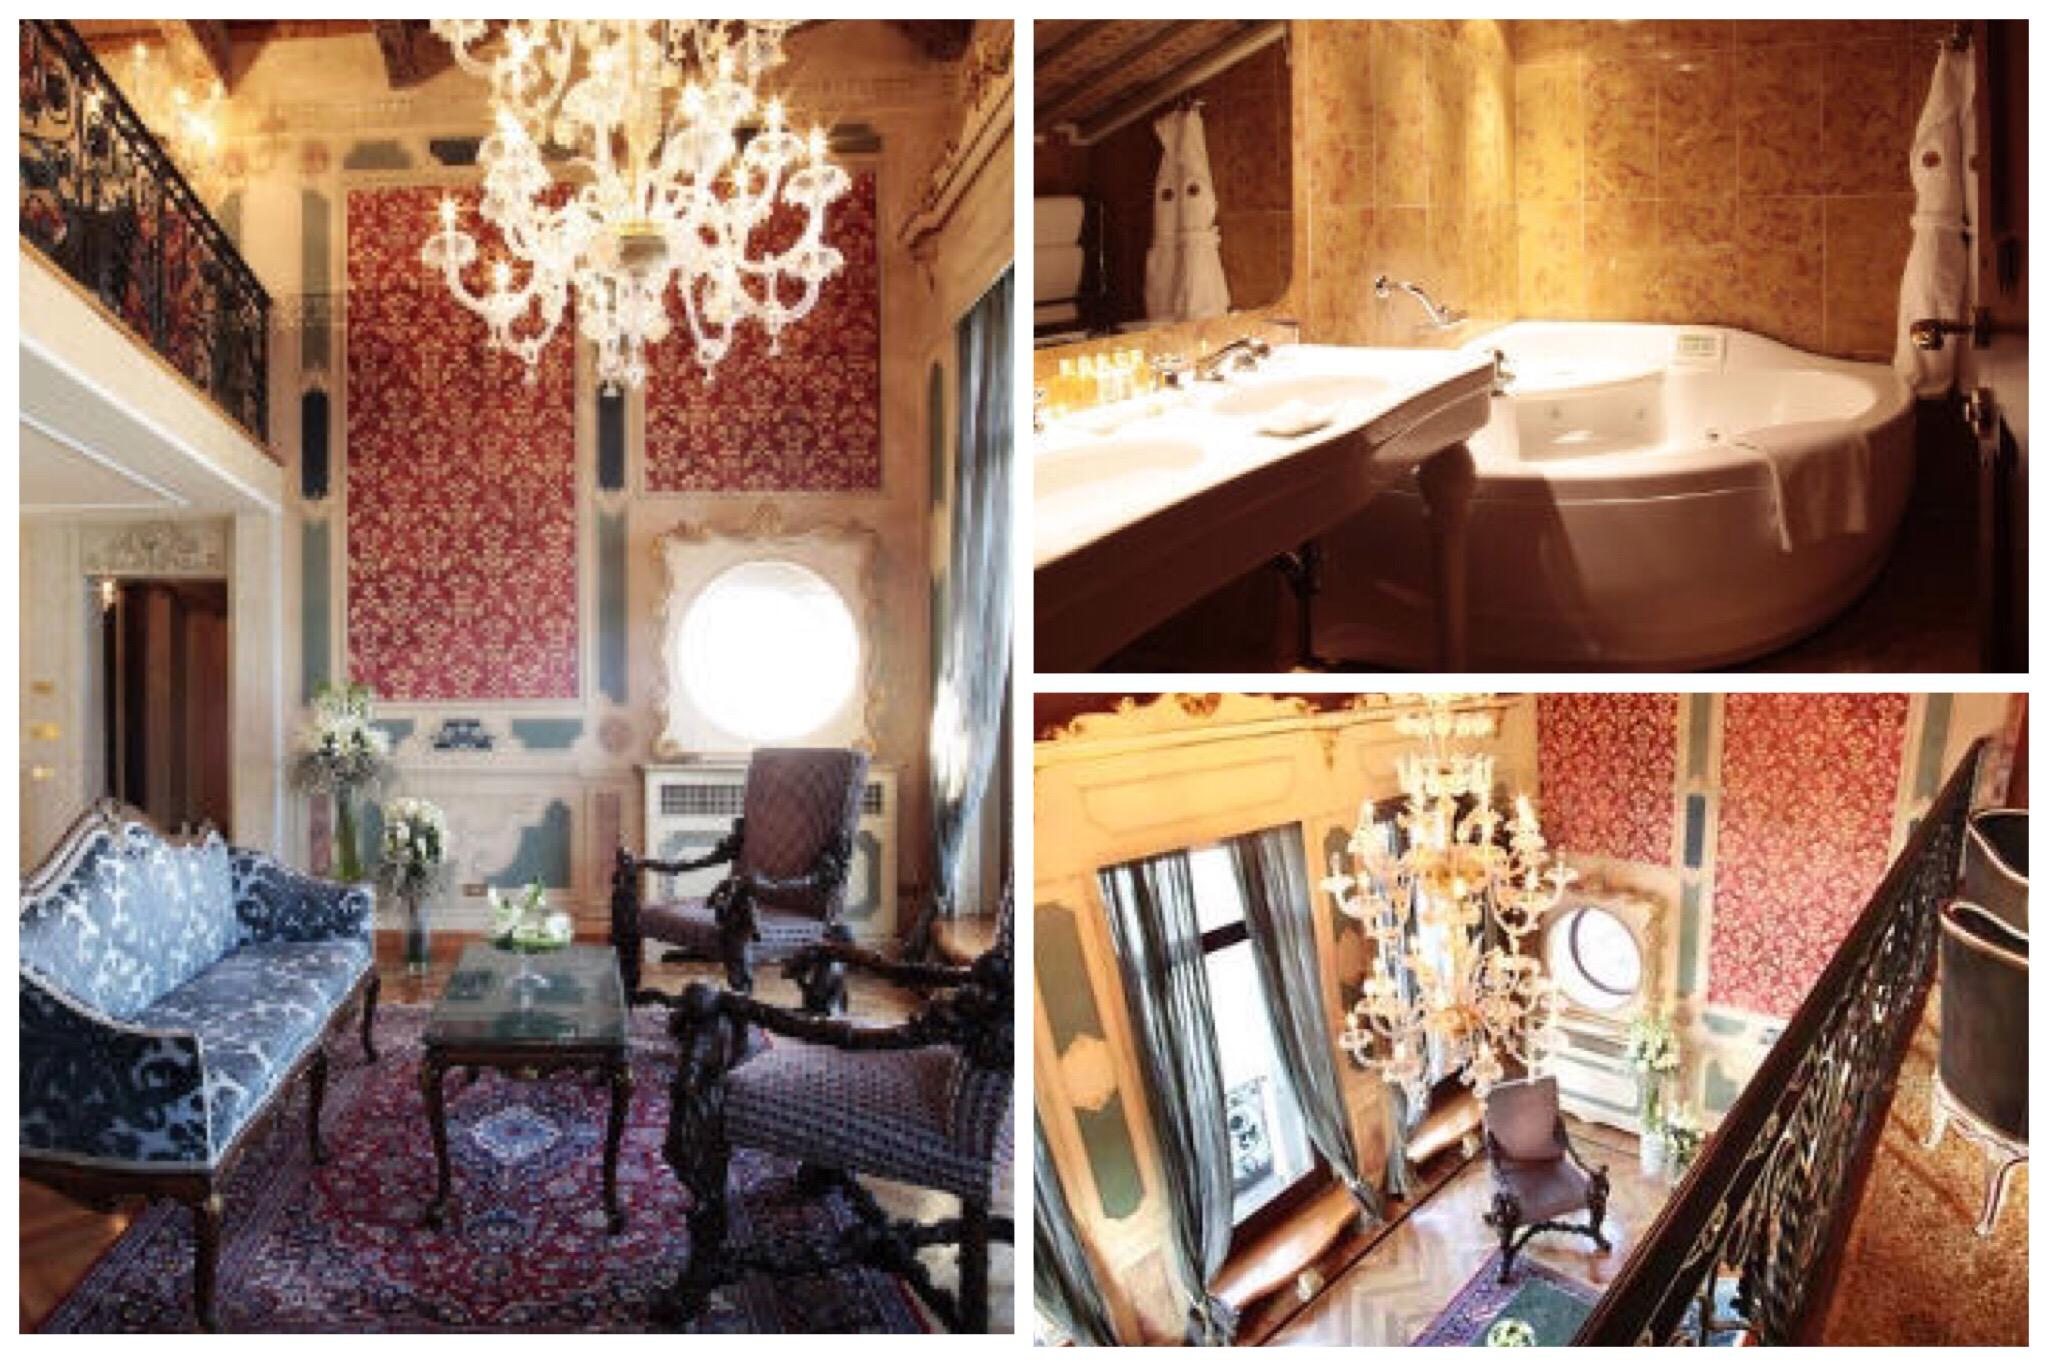 Presidential Suite at Boscolo Venezia